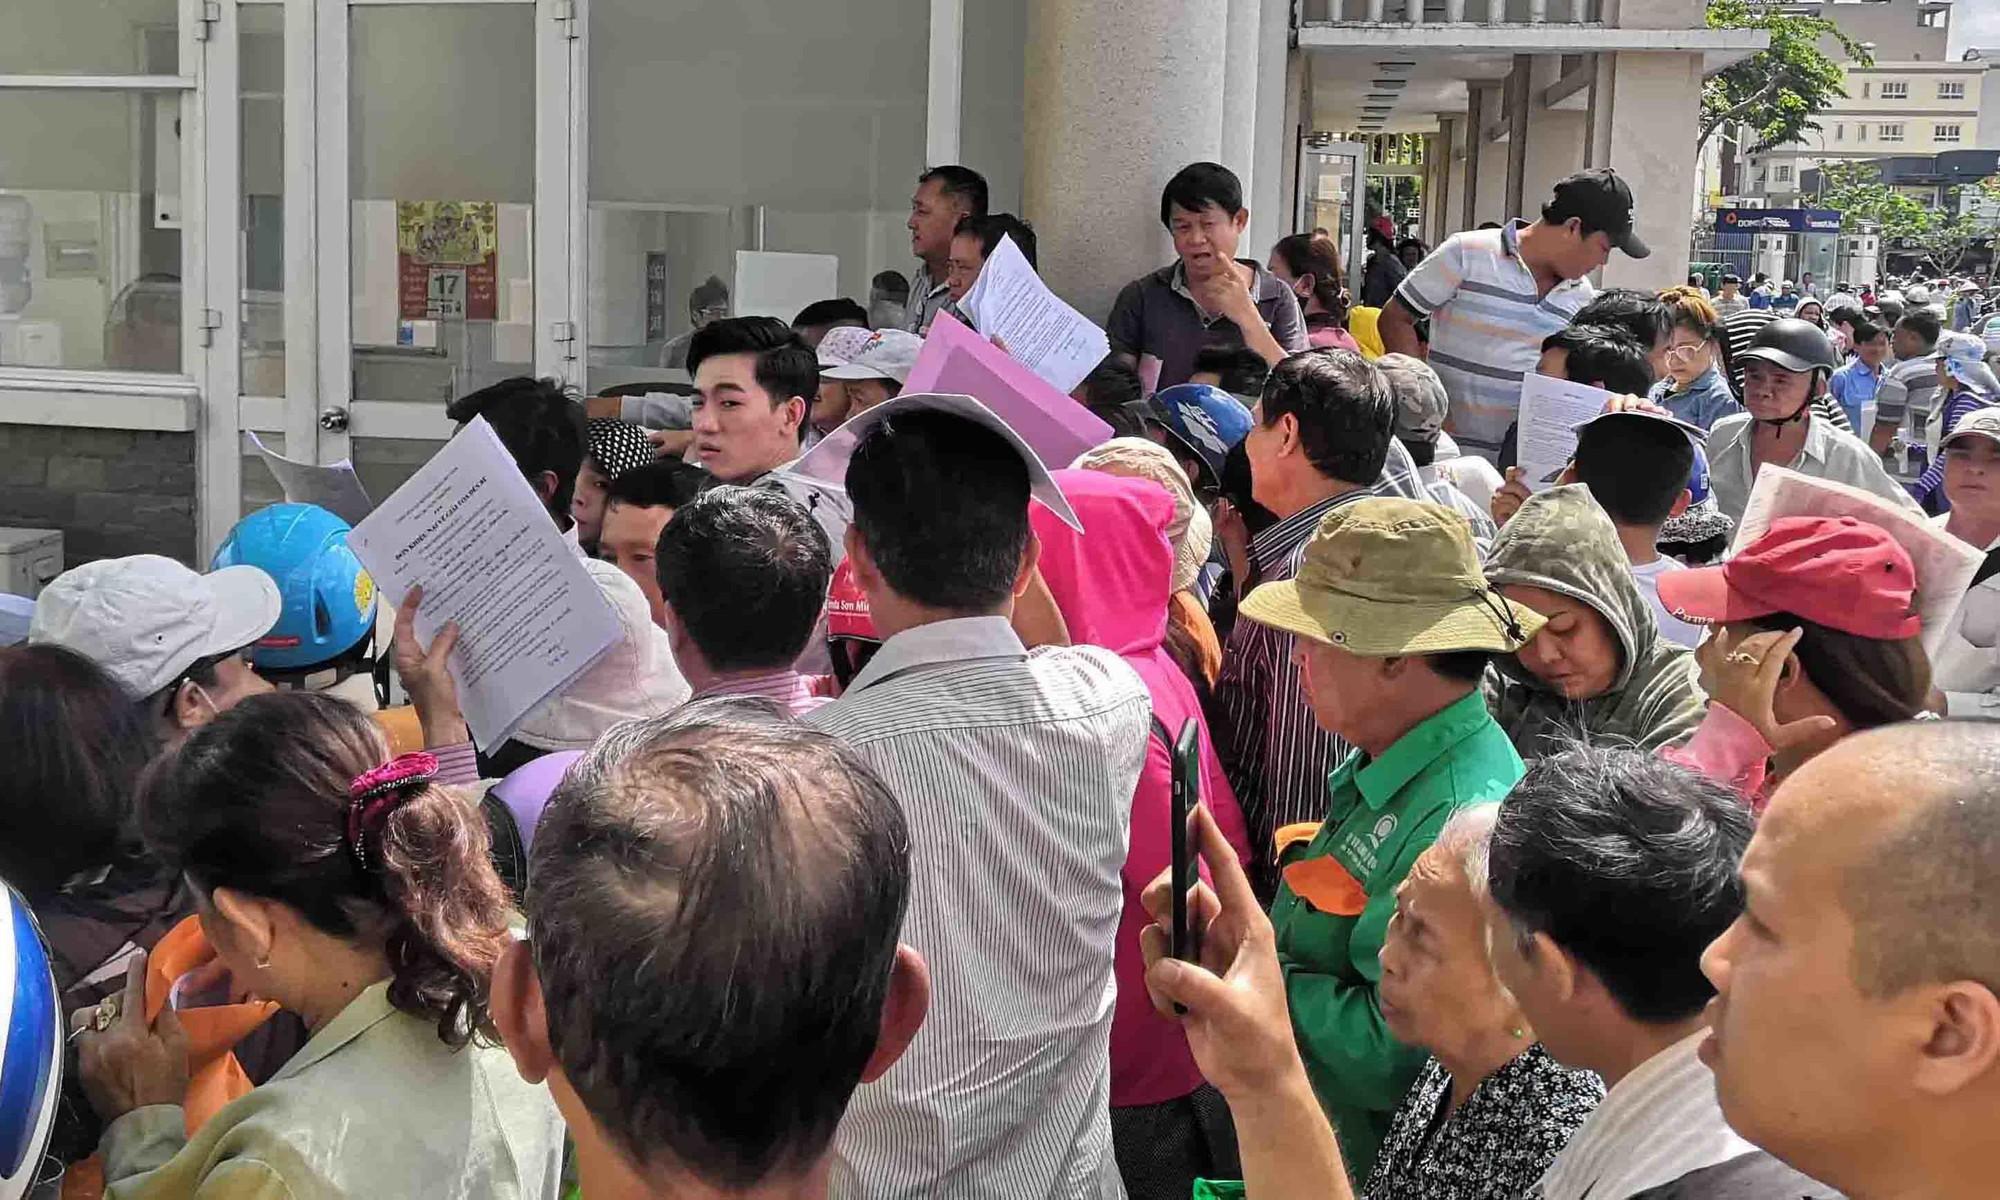 HĐND TP HCM họp bất thường về đền bù khu 4,3ha Thủ Thiêm - Ảnh 2.